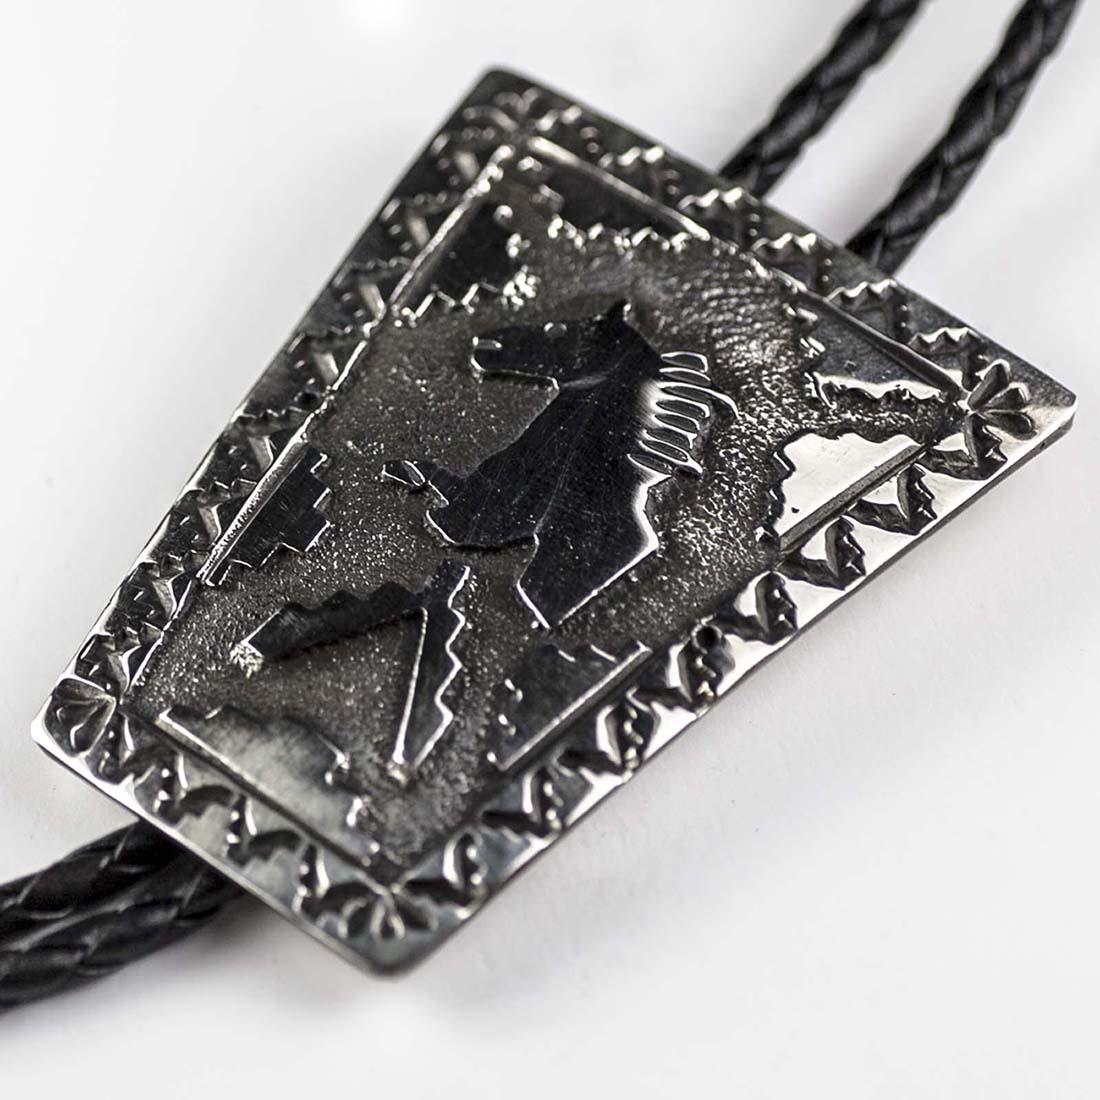 画像2: ネイティブアメリカン ナバホ族 ハンドメイド スターリングシルバー ボロタイ(ホース)/Navajo Sterling Silver Bolo Tie(Horse)